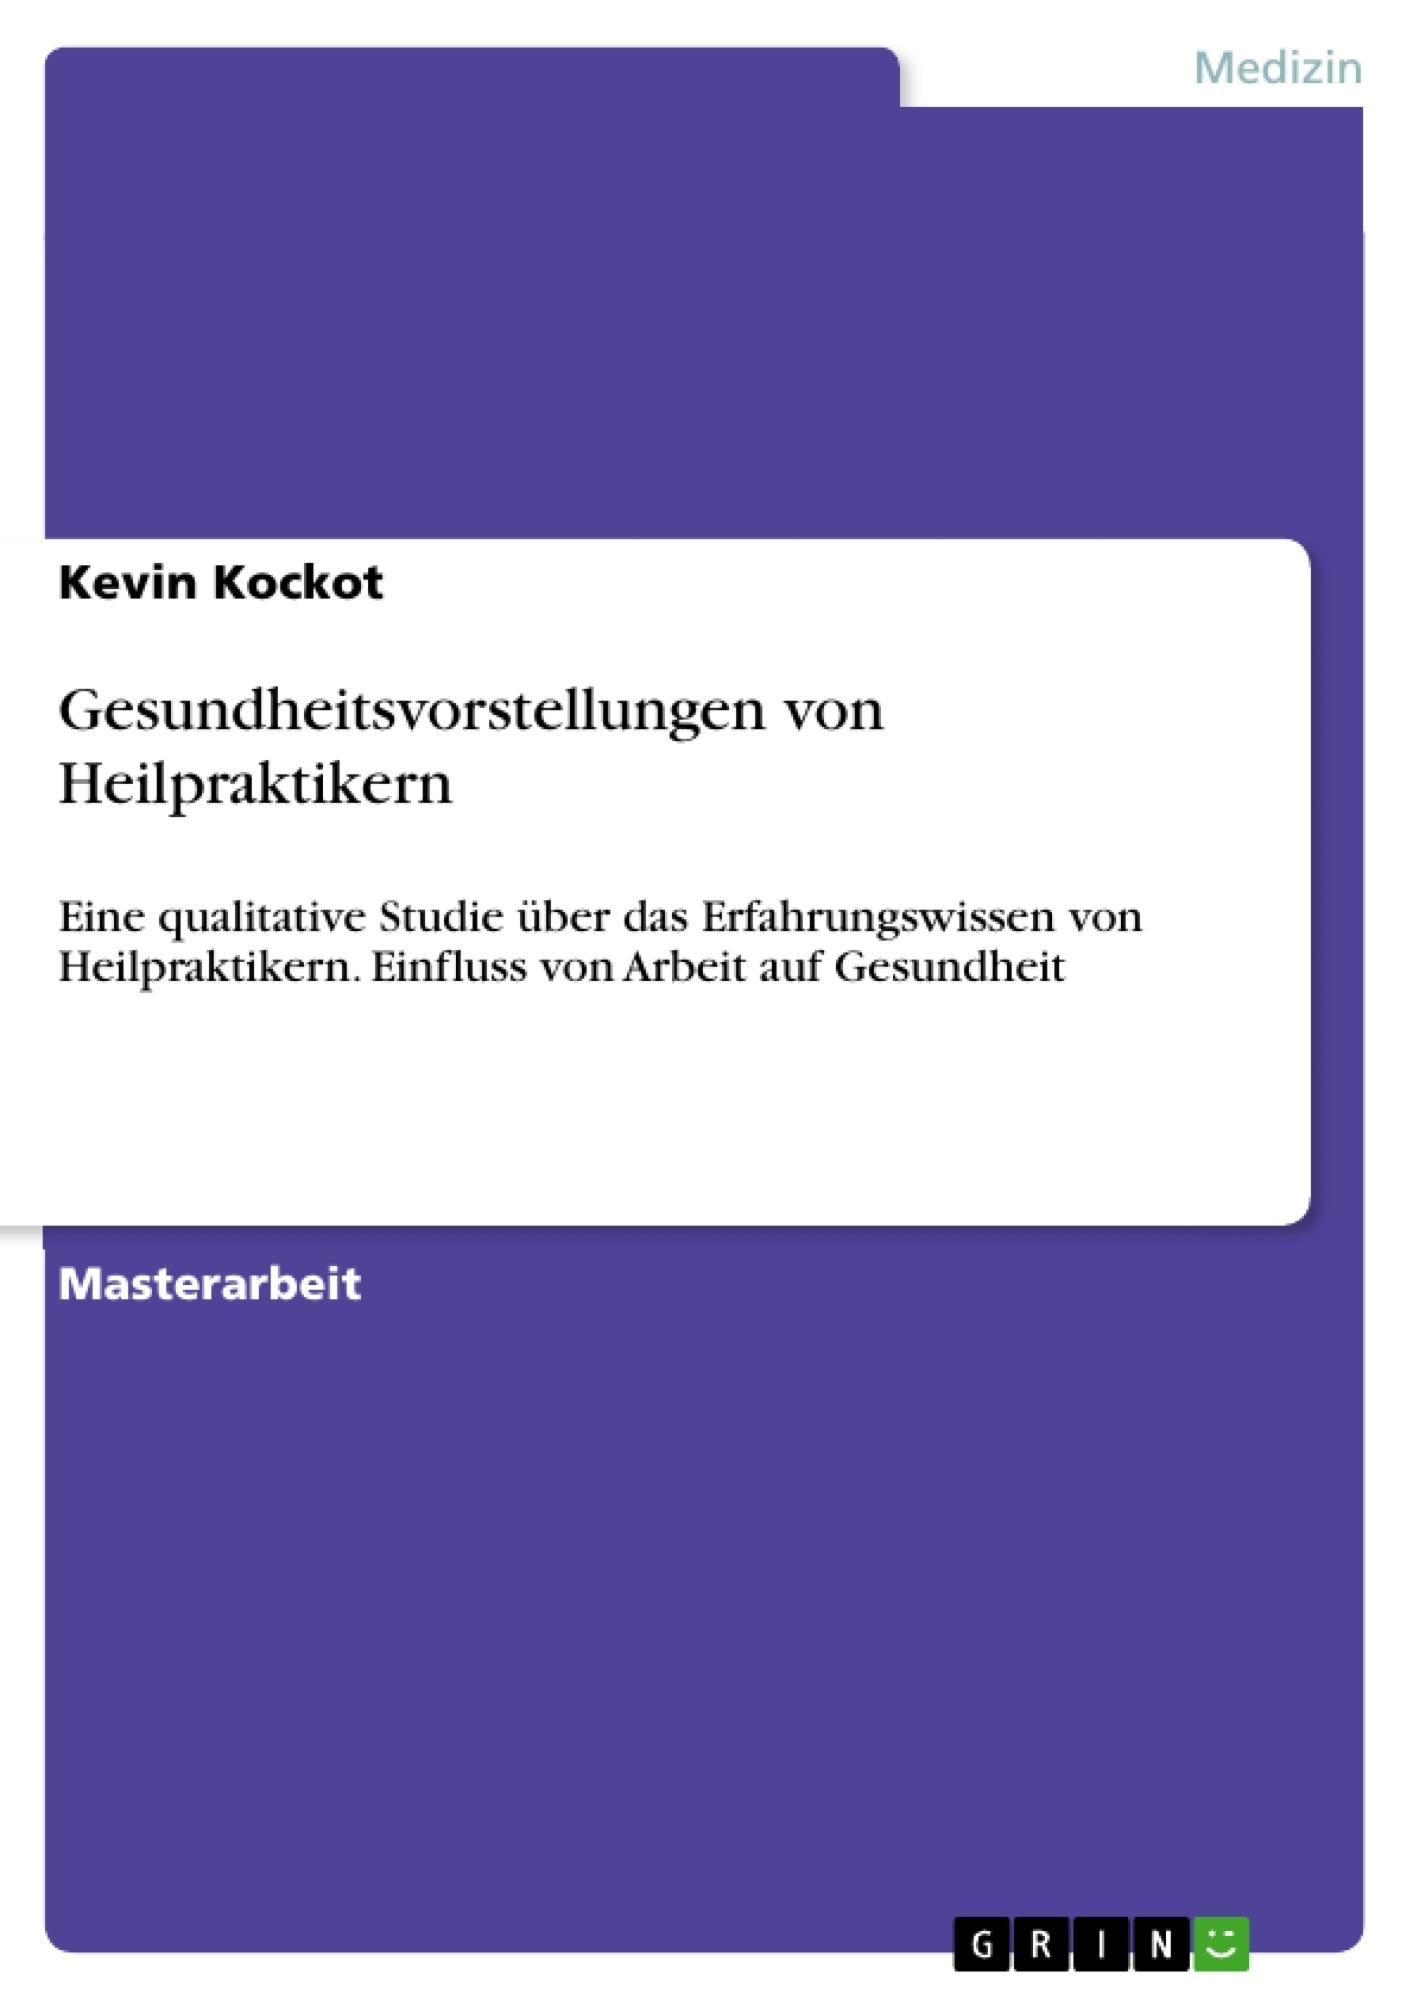 Titel: Gesundheitsvorstellungen von Heilpraktikern